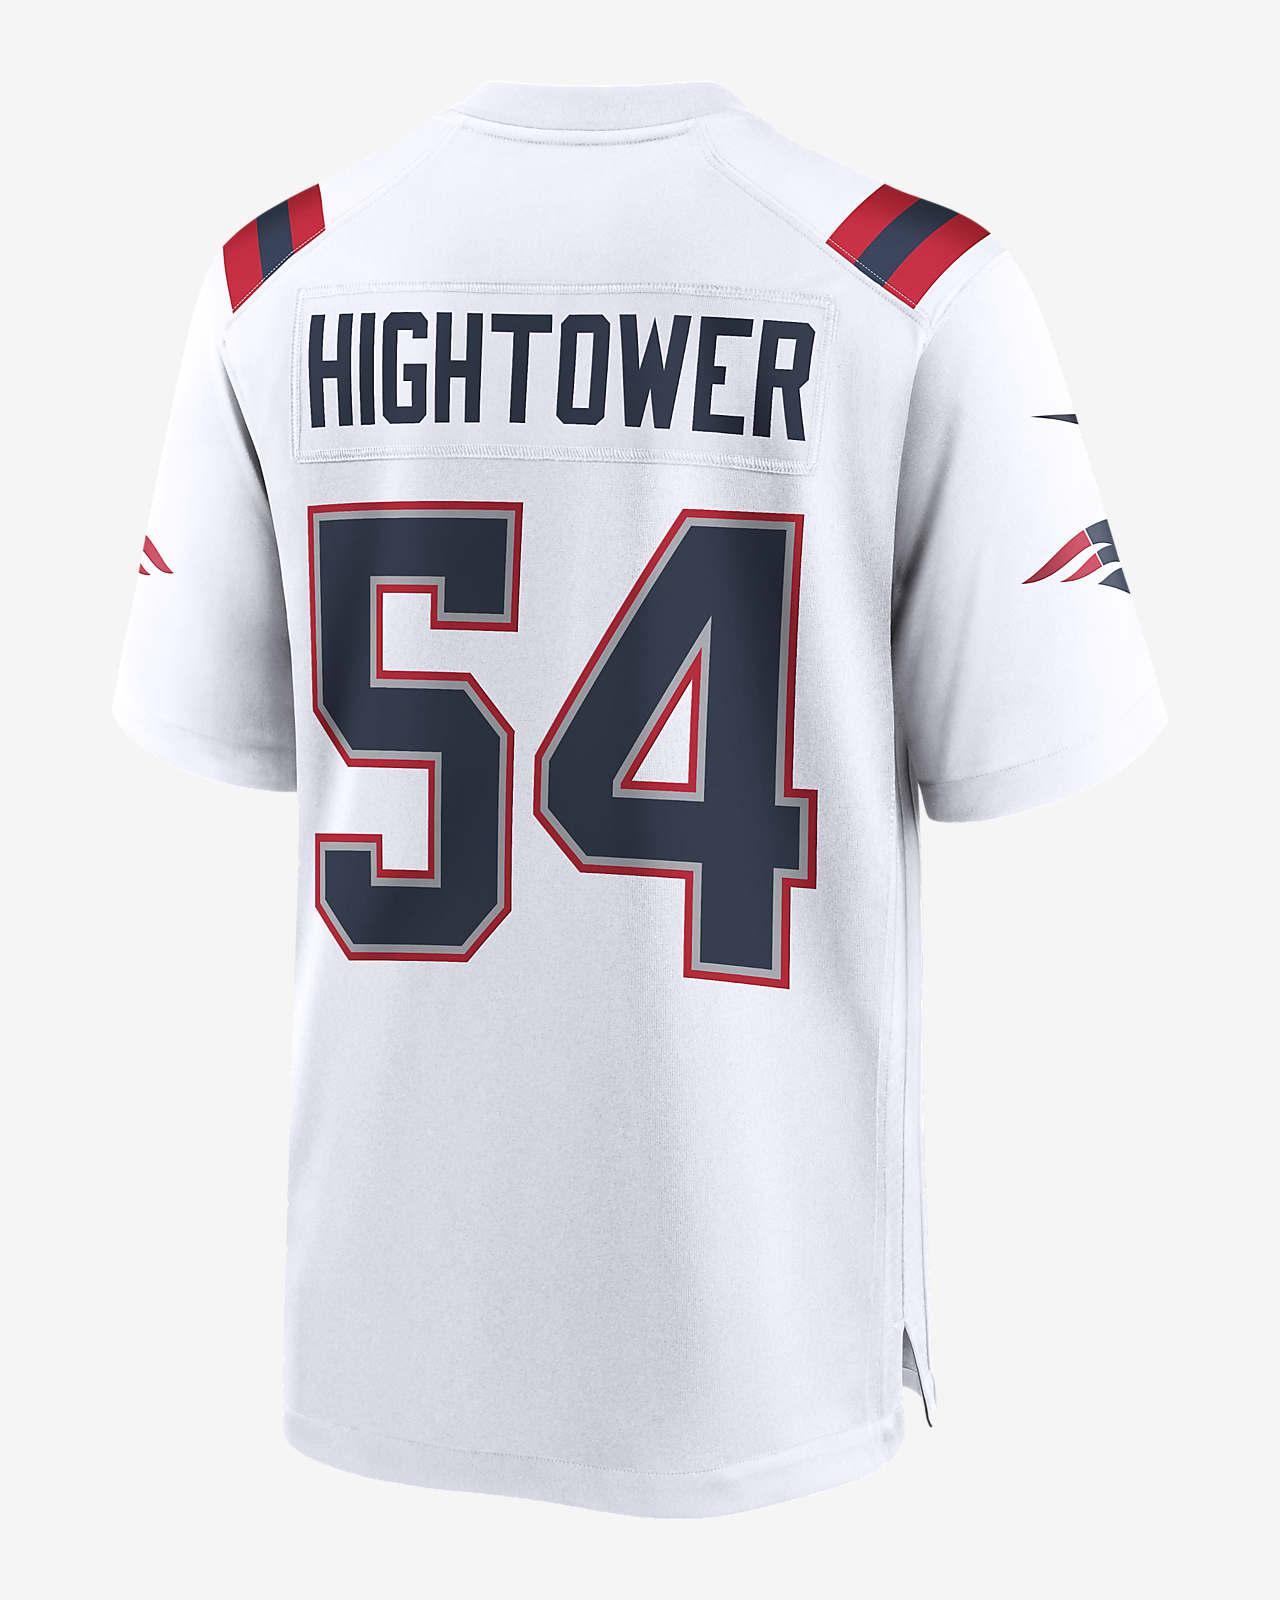 apoyo Hacer Ups  Camiseta de fútbol americano Game para hombre NFL New England Patriots  (Dont'a Hightower). Nike.com